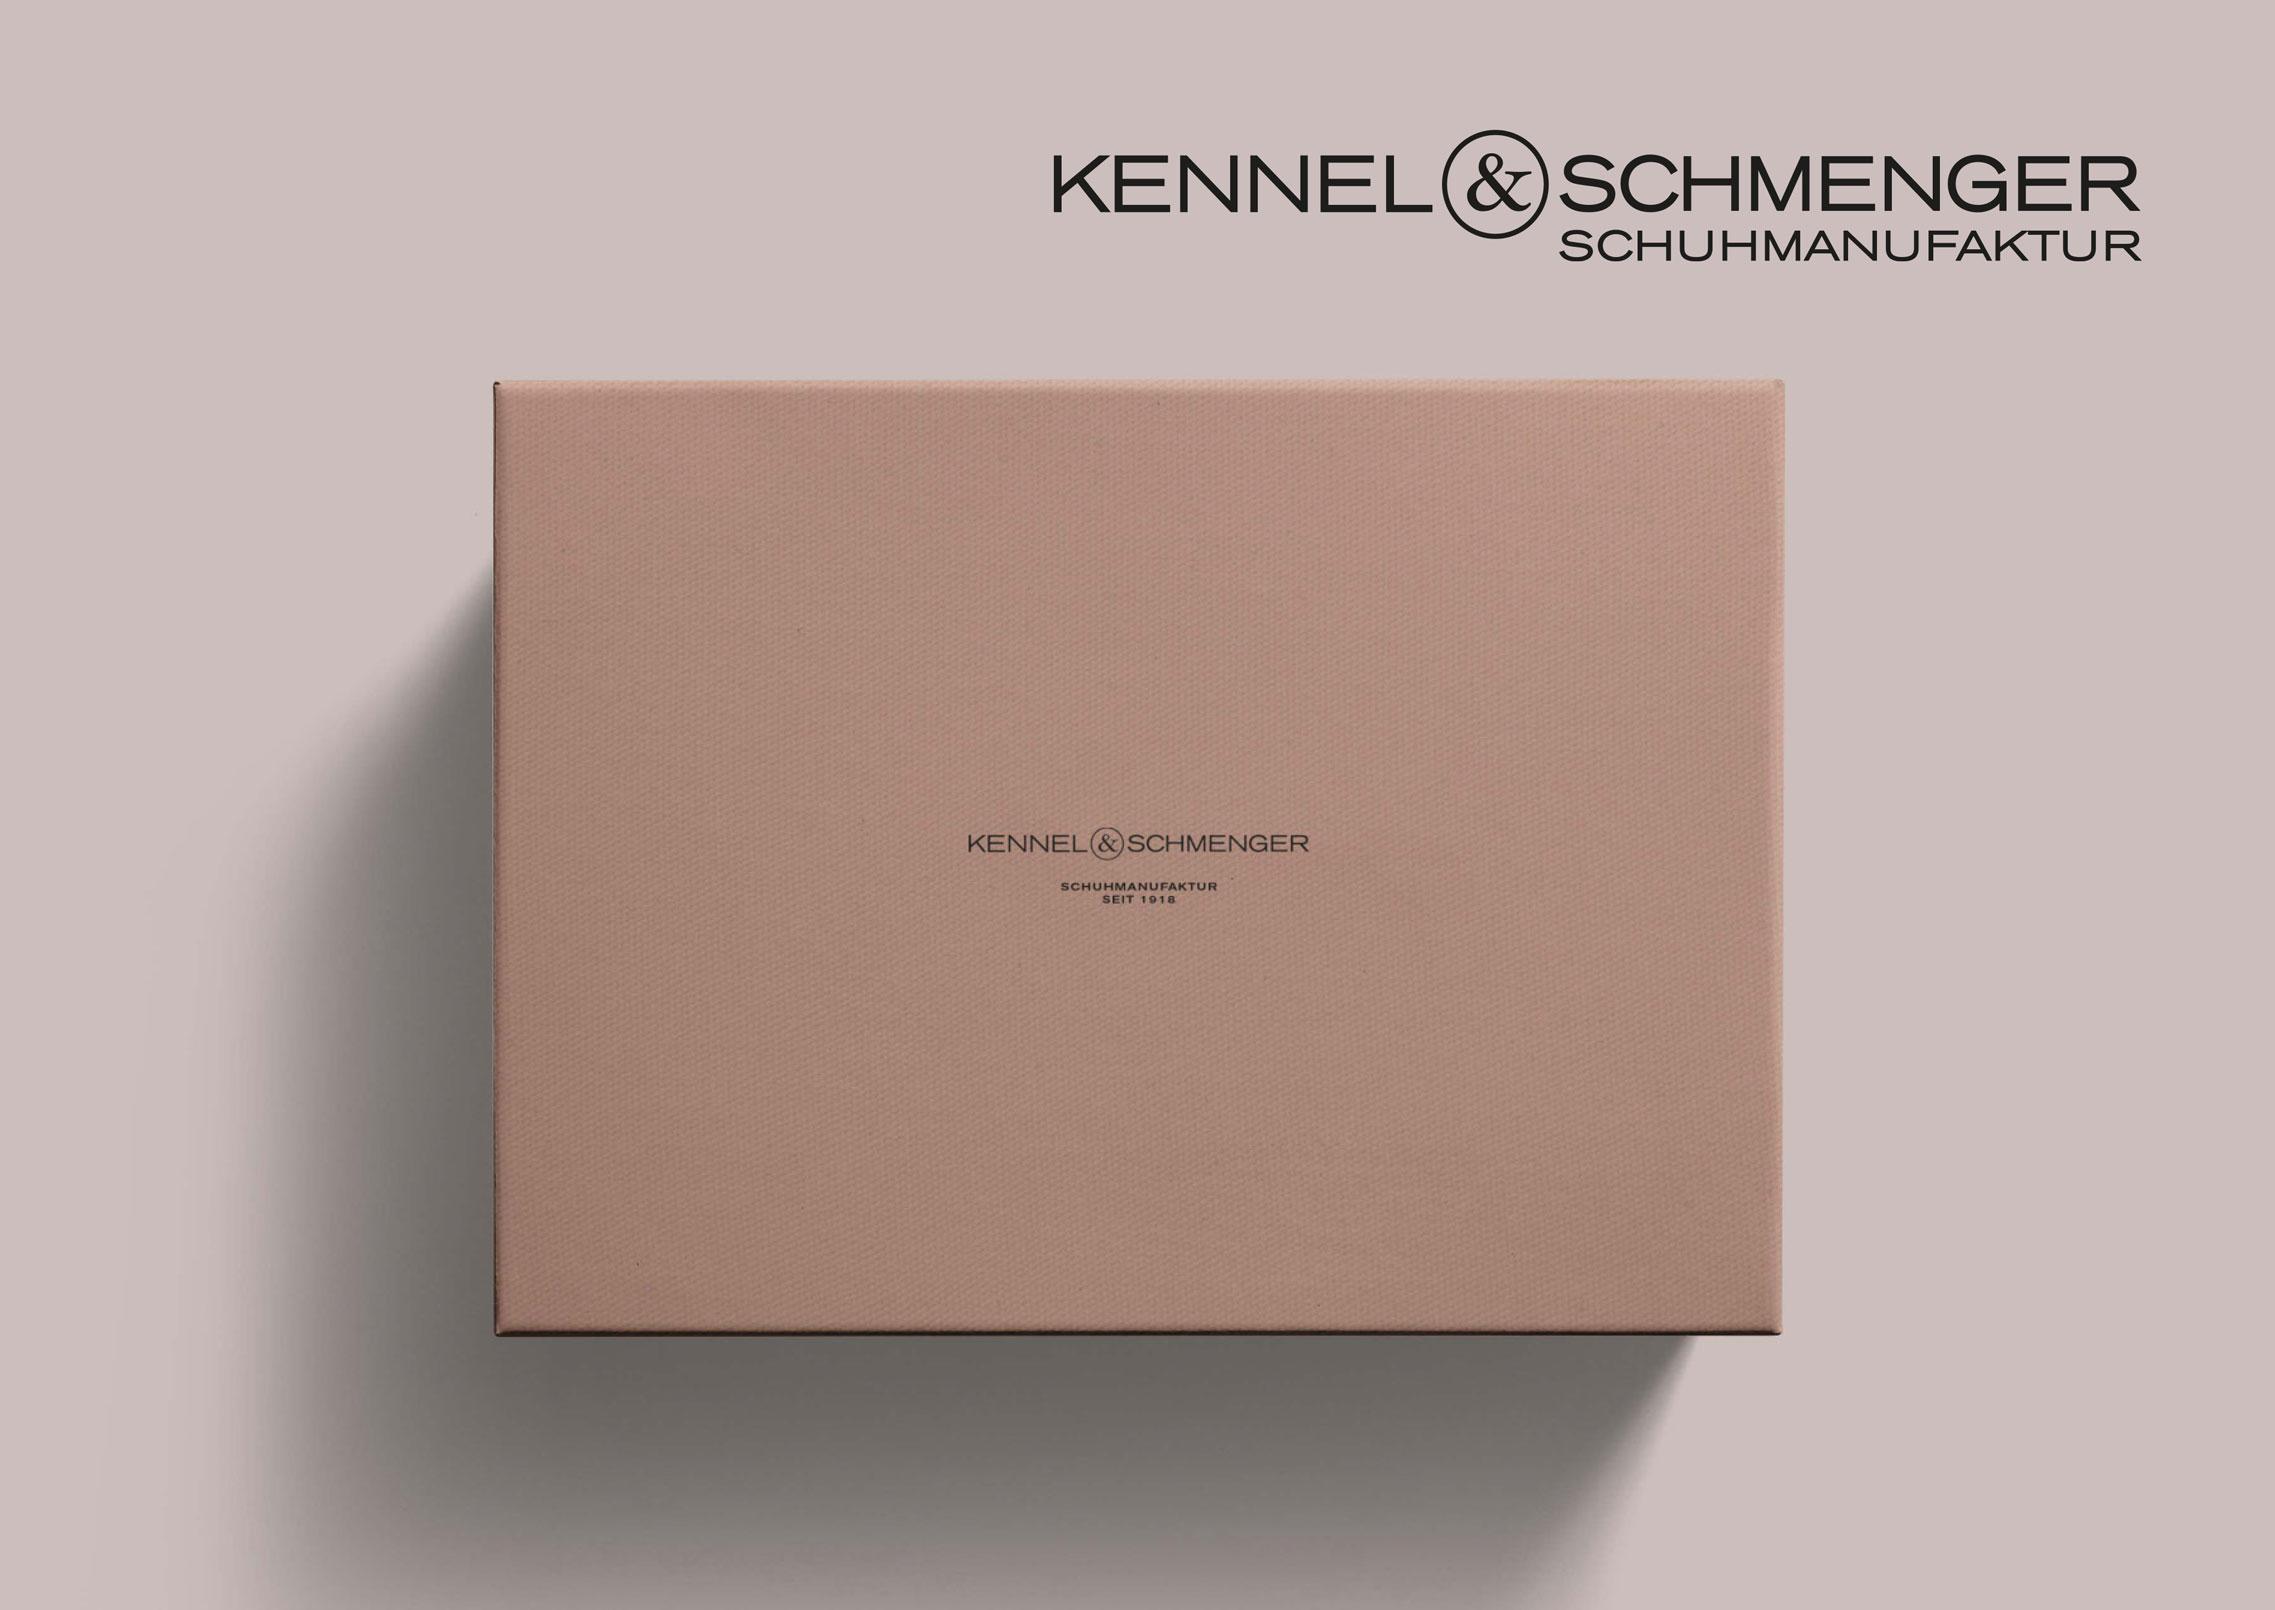 Kennel & Schmenger Relaunch